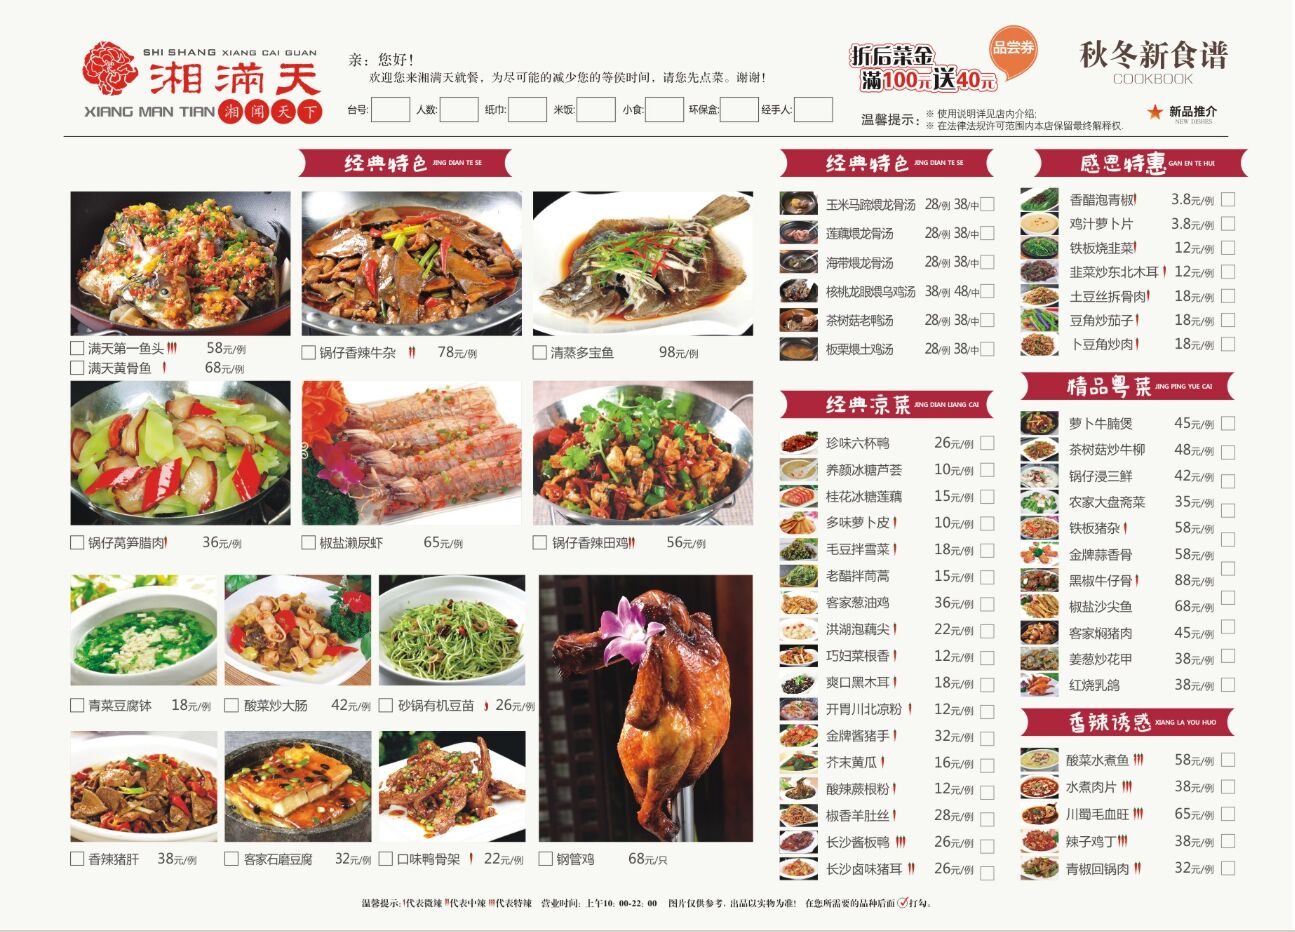 生产型 注册地:深圳 主营产品:湘菜菜谱设计,美食摄影,火锅点菜单设计